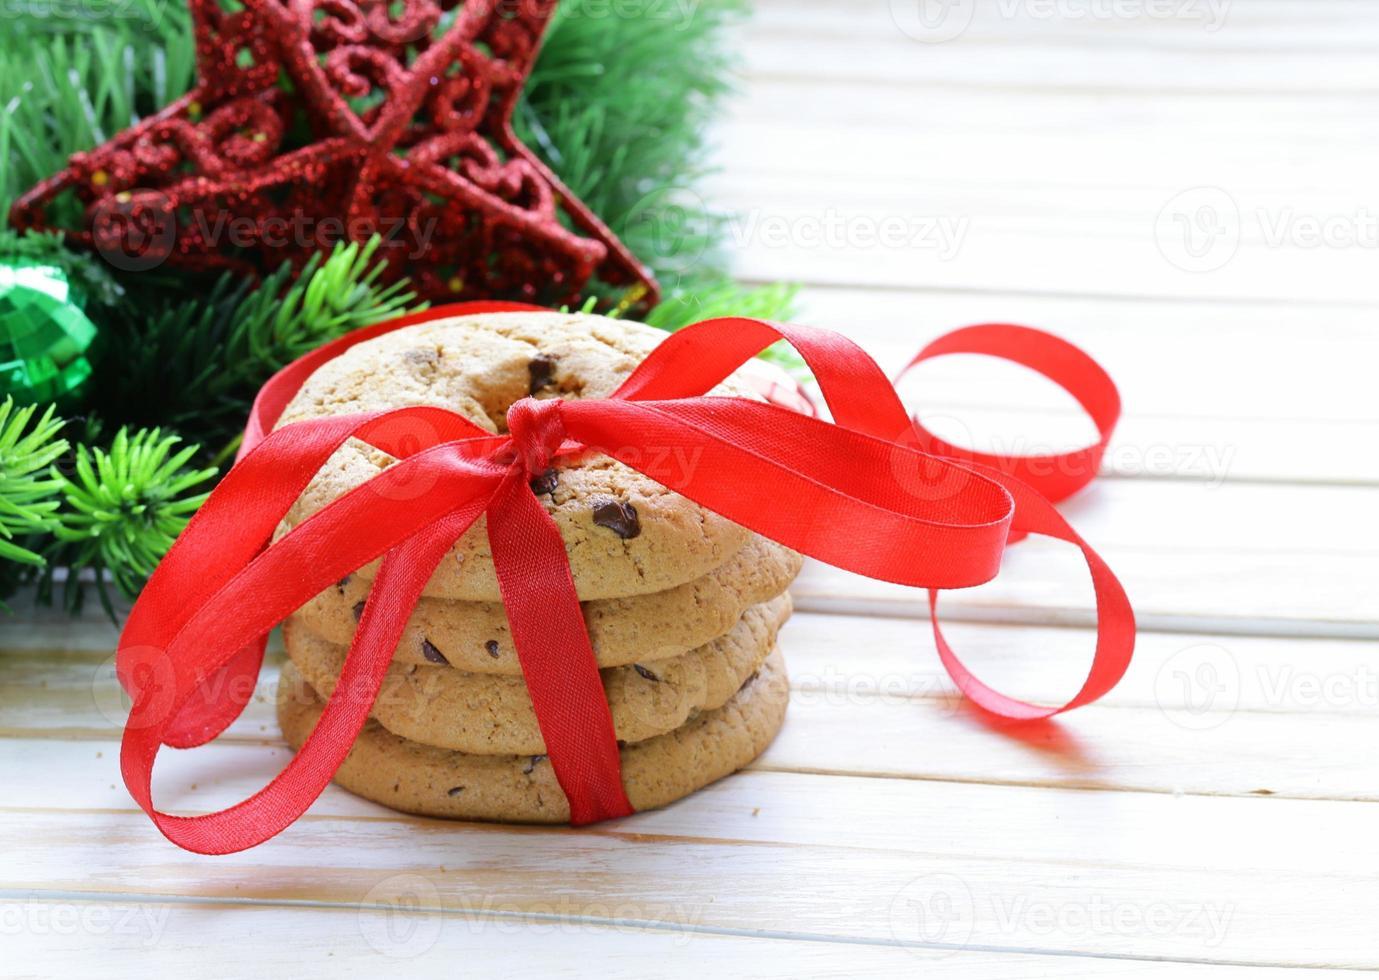 Kekse mit Schokolade mit Weihnachtsbaumzweigen und Dekorationen foto